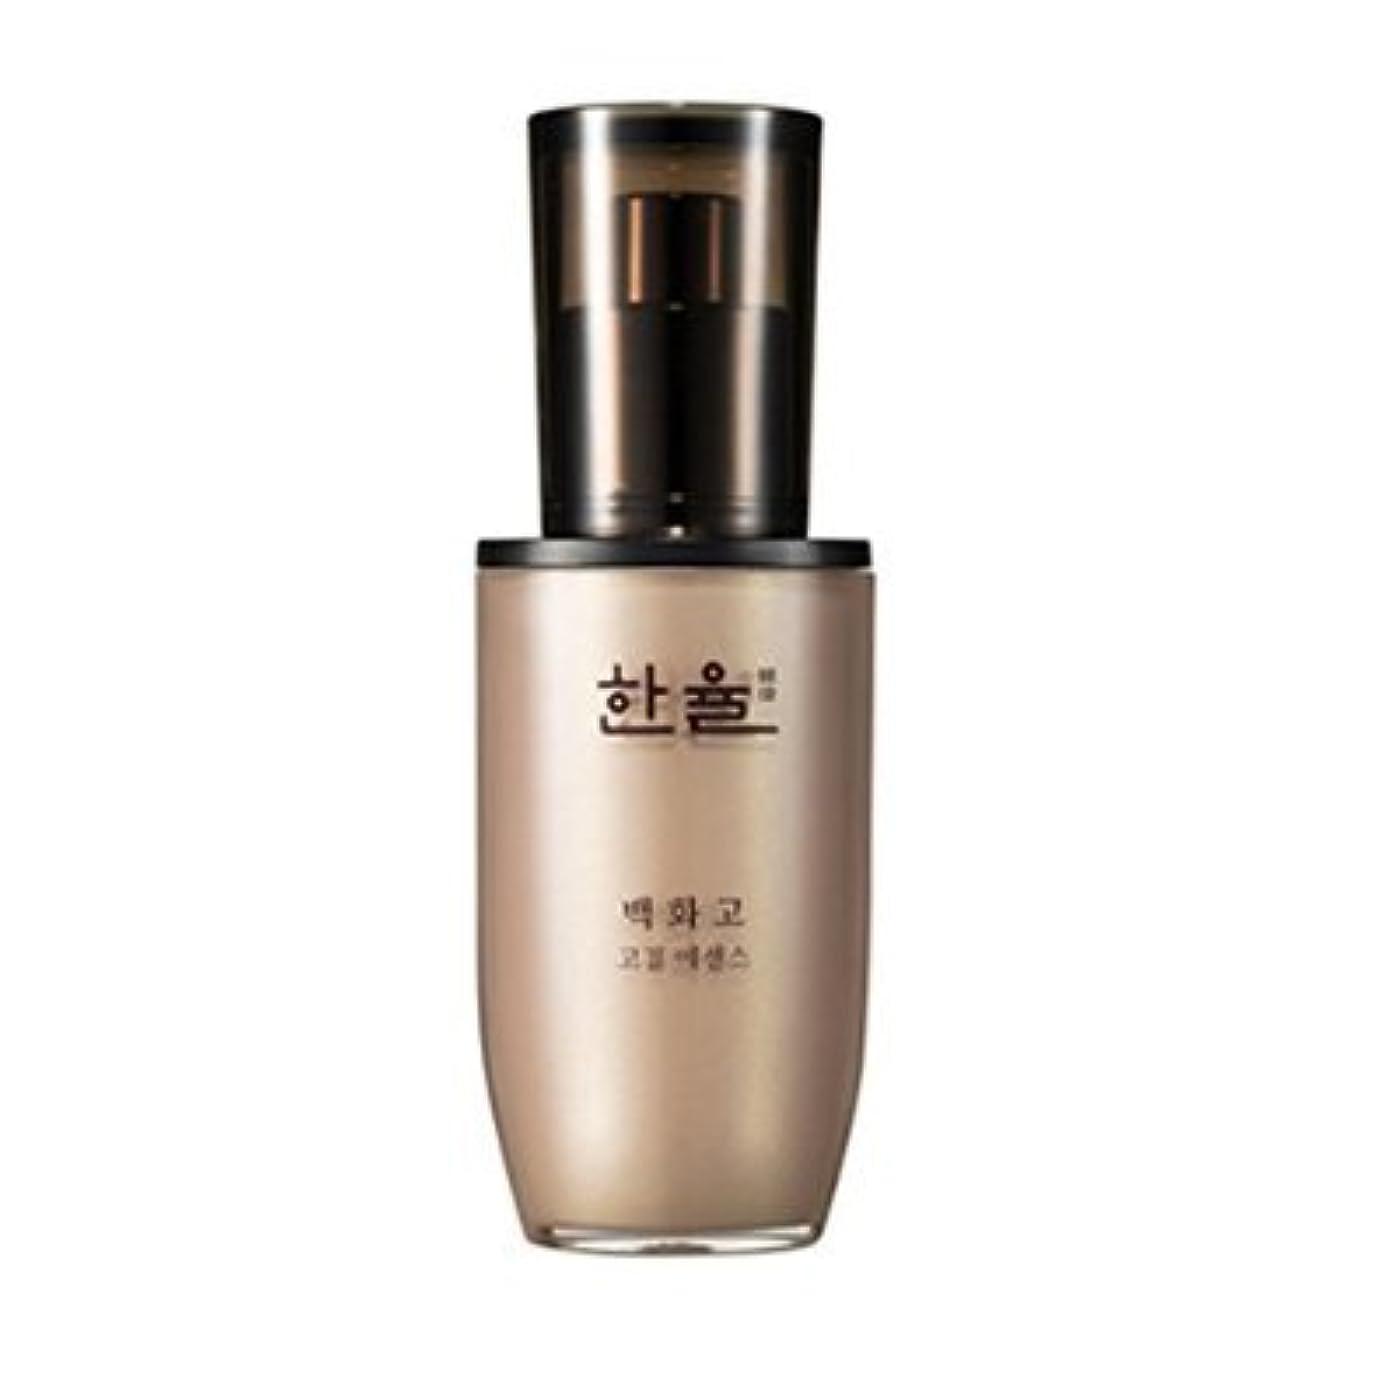 悪夢食料品店極端な[Hanyul] Baek Hwa Goh Silky Skin Serum 40ml